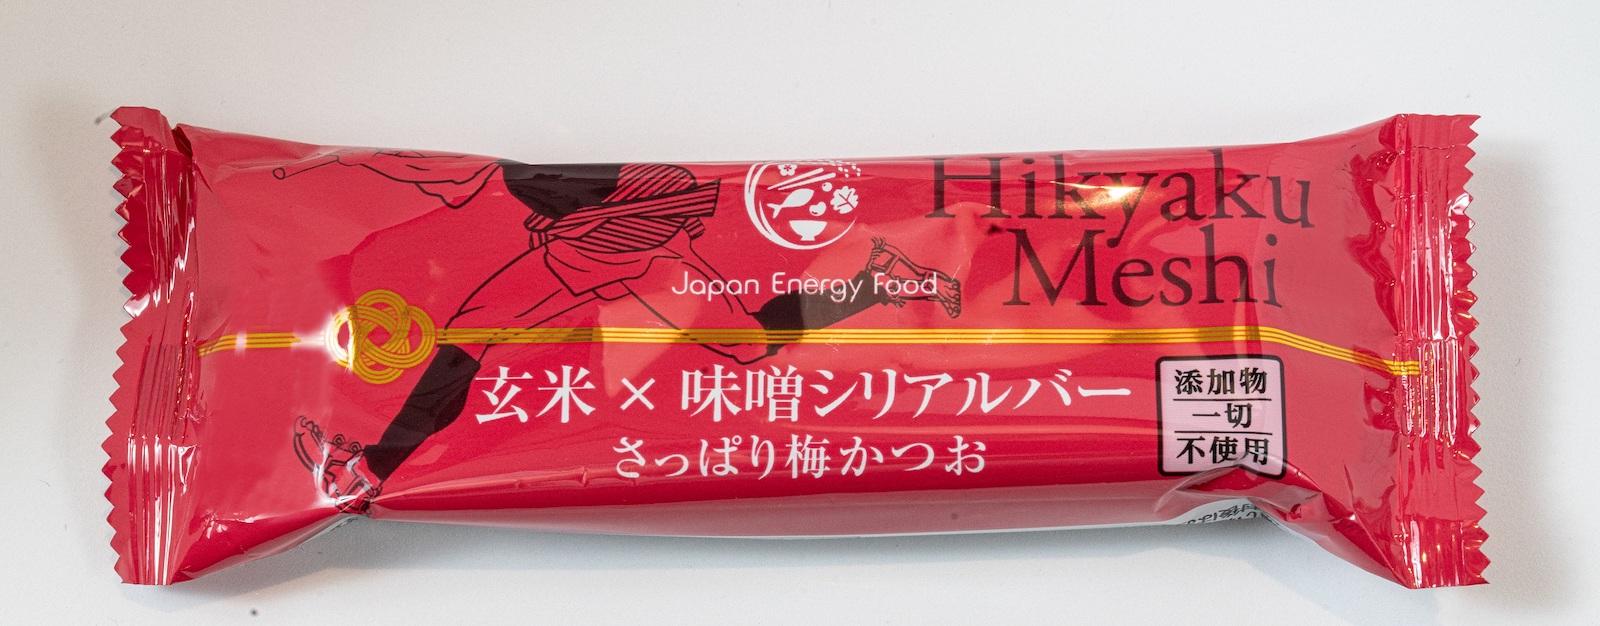 Japan energy food_Bar package.jpg